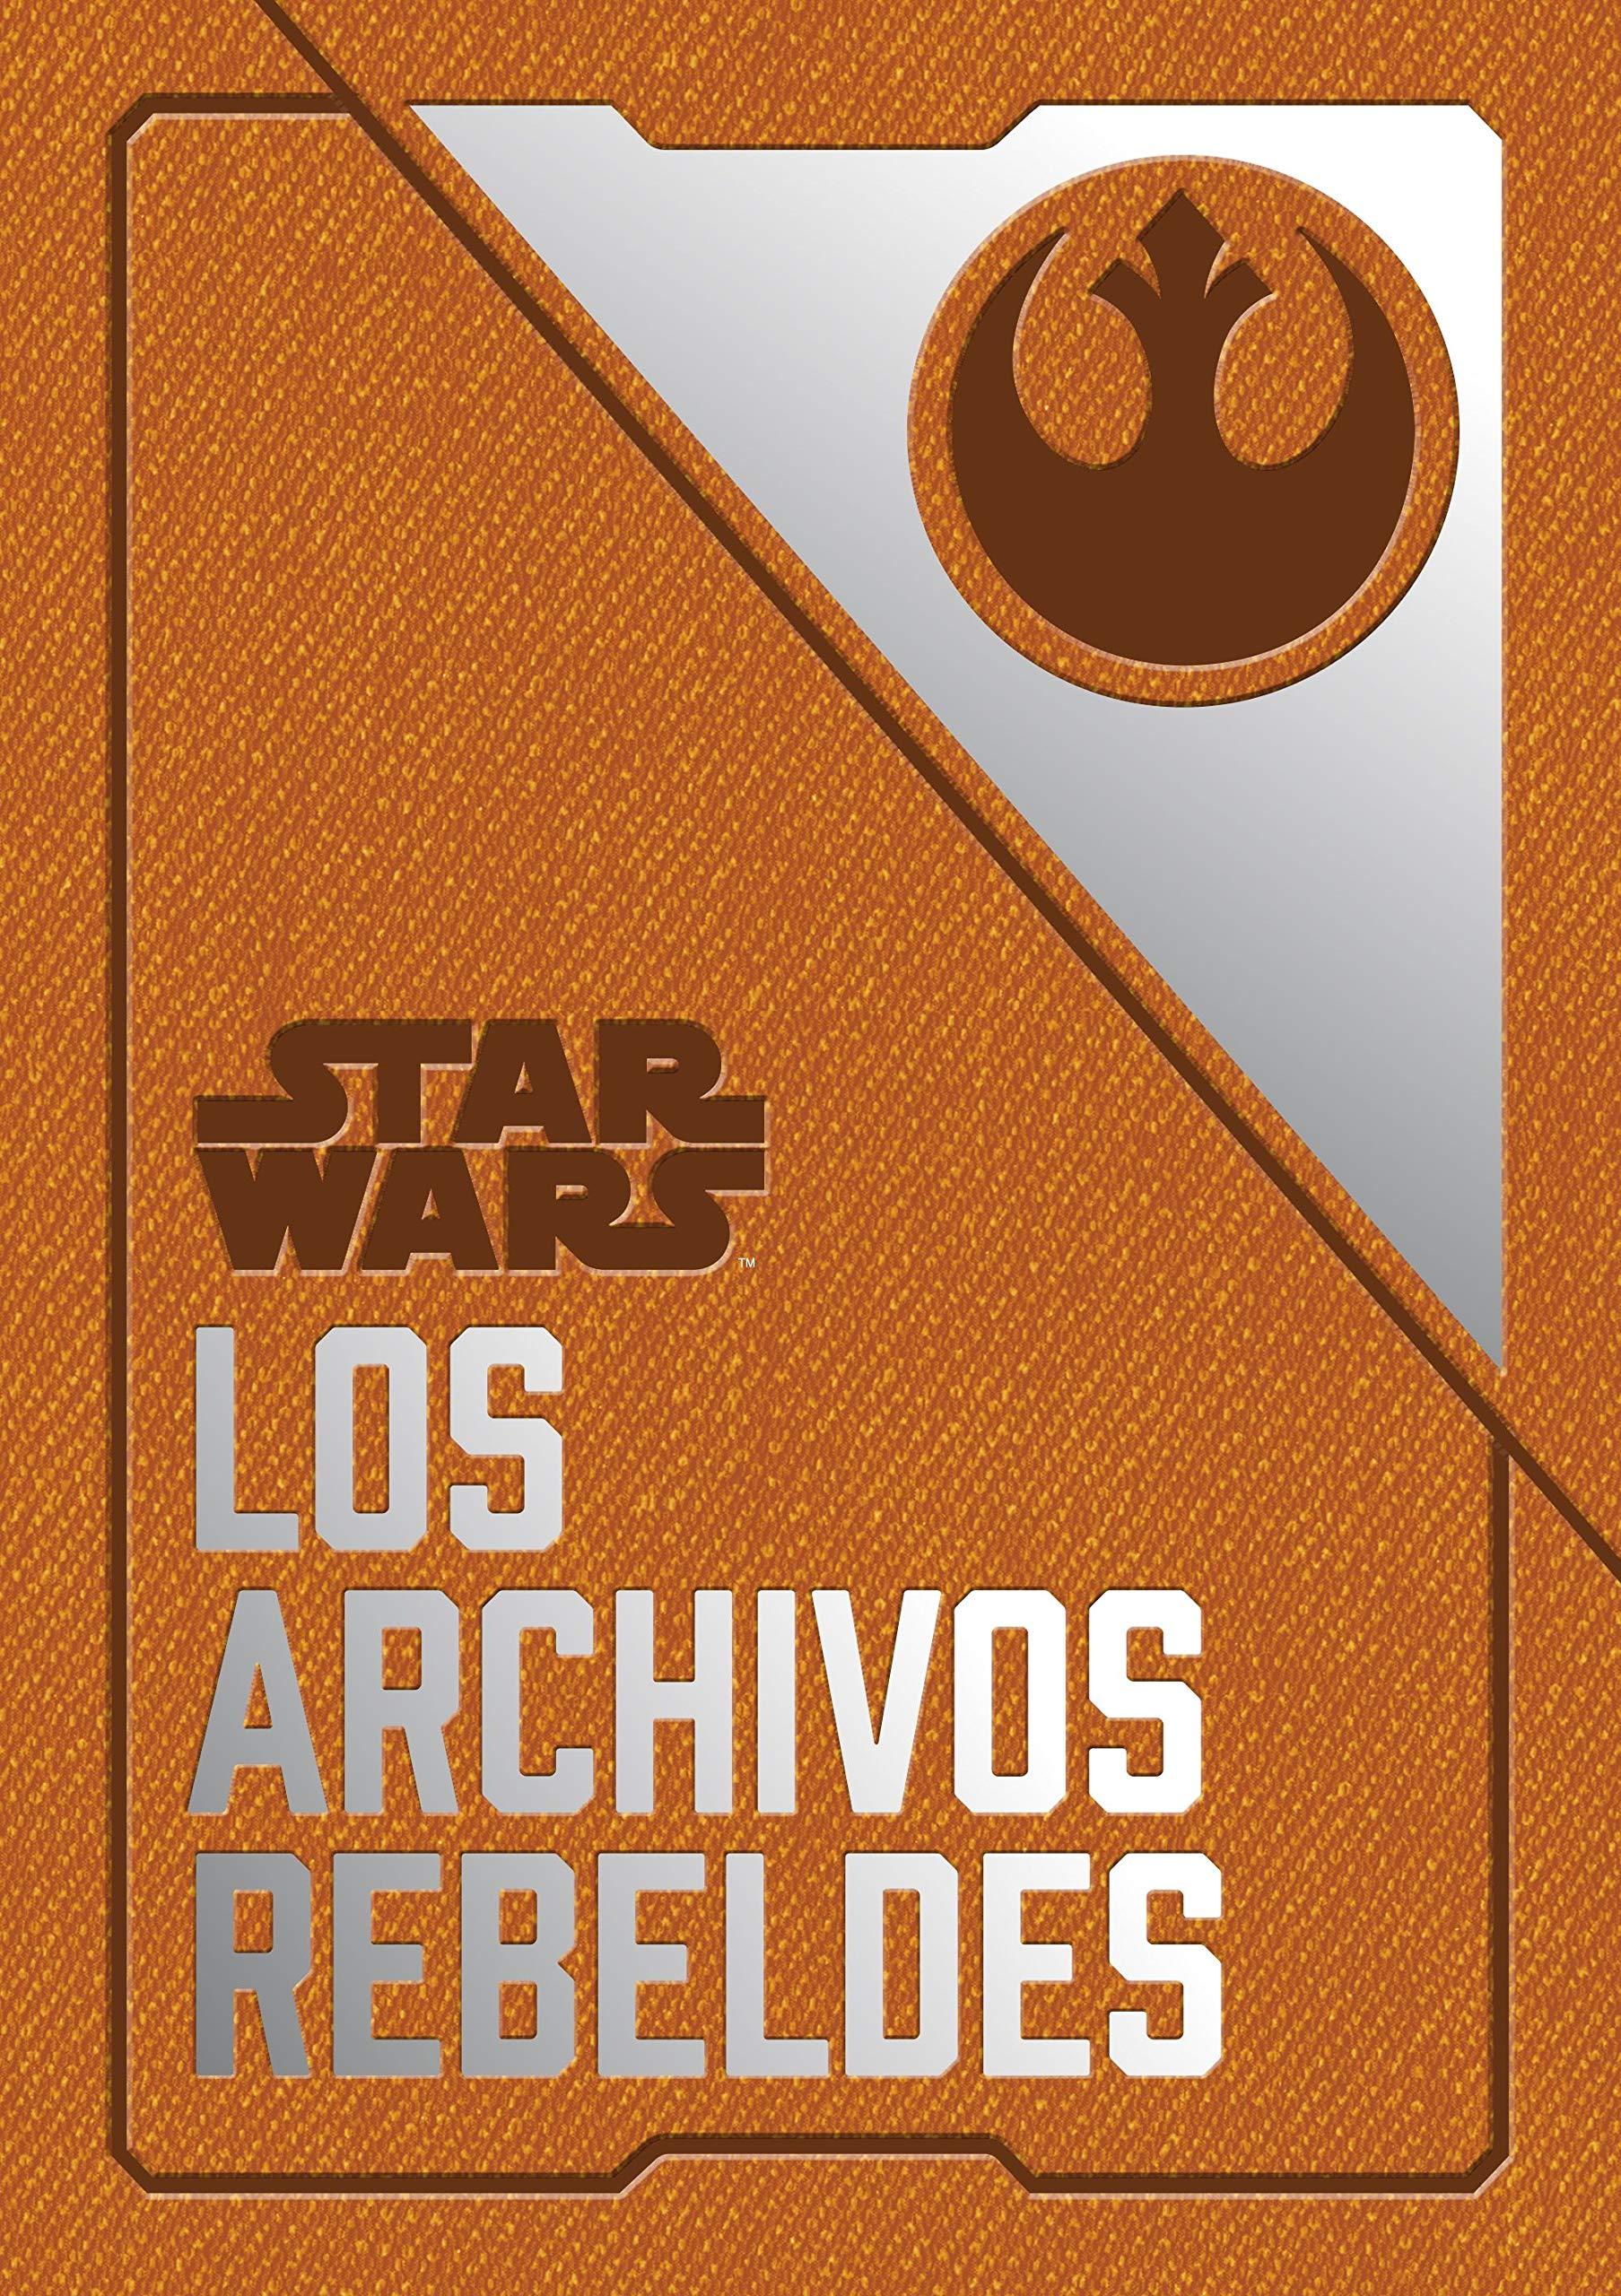 Star Wars: Los archivos rebeldes Star Wars Ilustrados: Amazon.es: Wallace, Daniel, Traducciones Imposibles S. L.: Libros